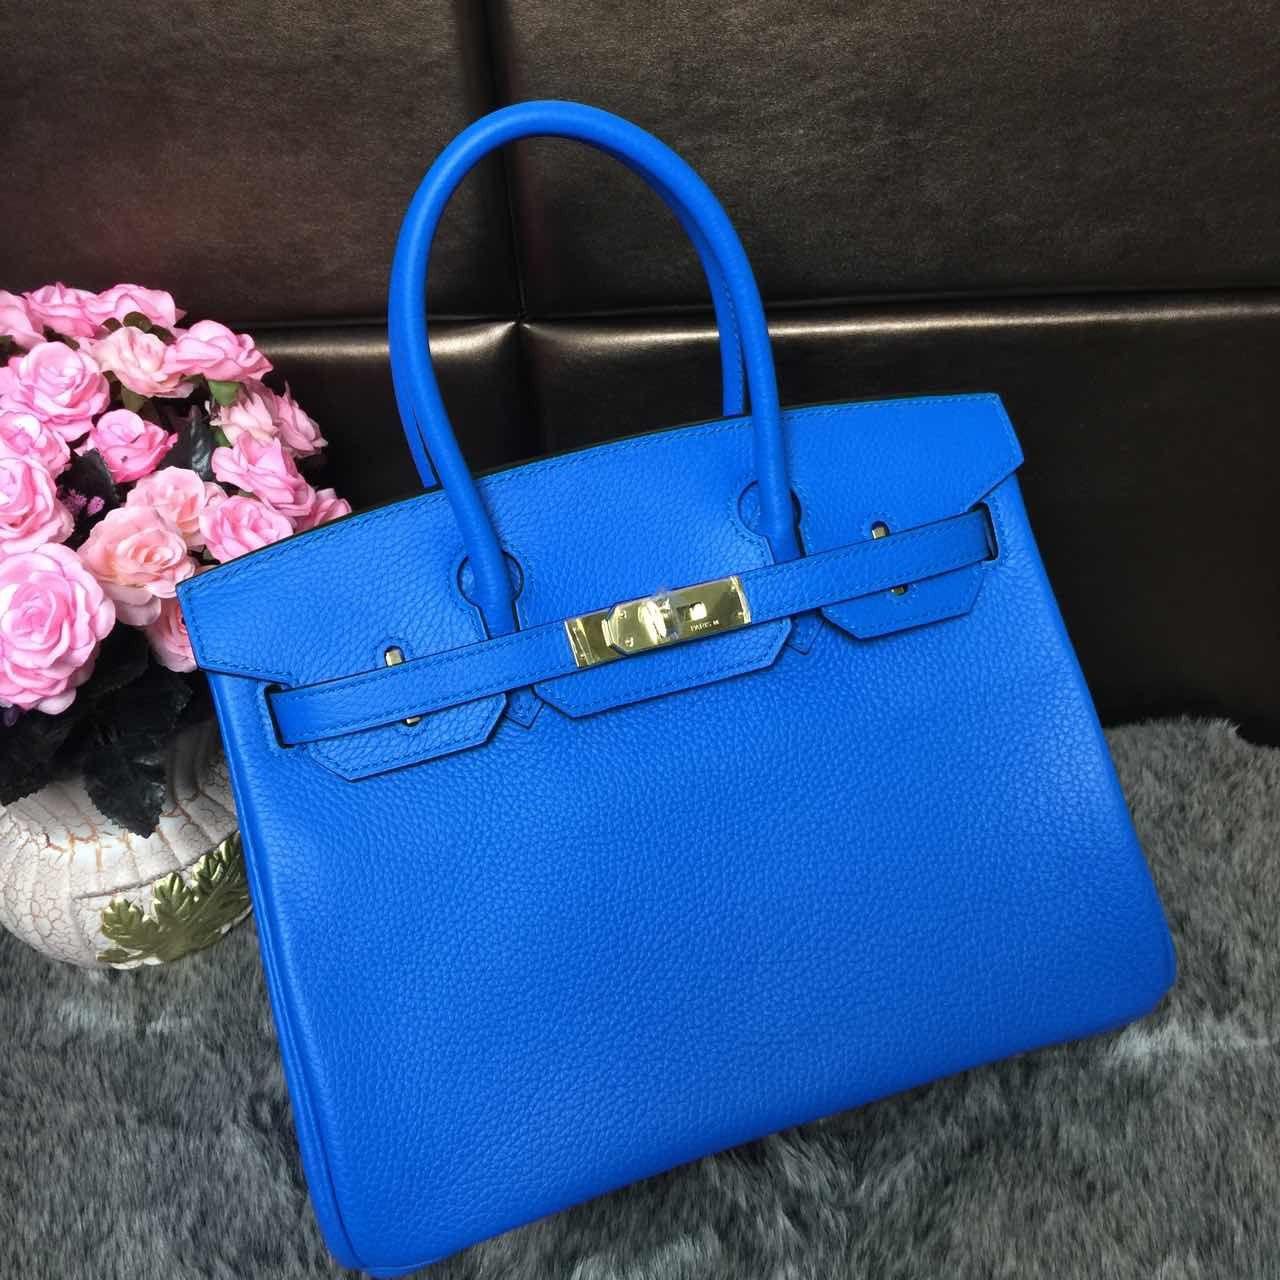 15c5a8593fcc Hermes Birkin 30 Original Togo Leather Cobalt Blue (Gold hardware ...